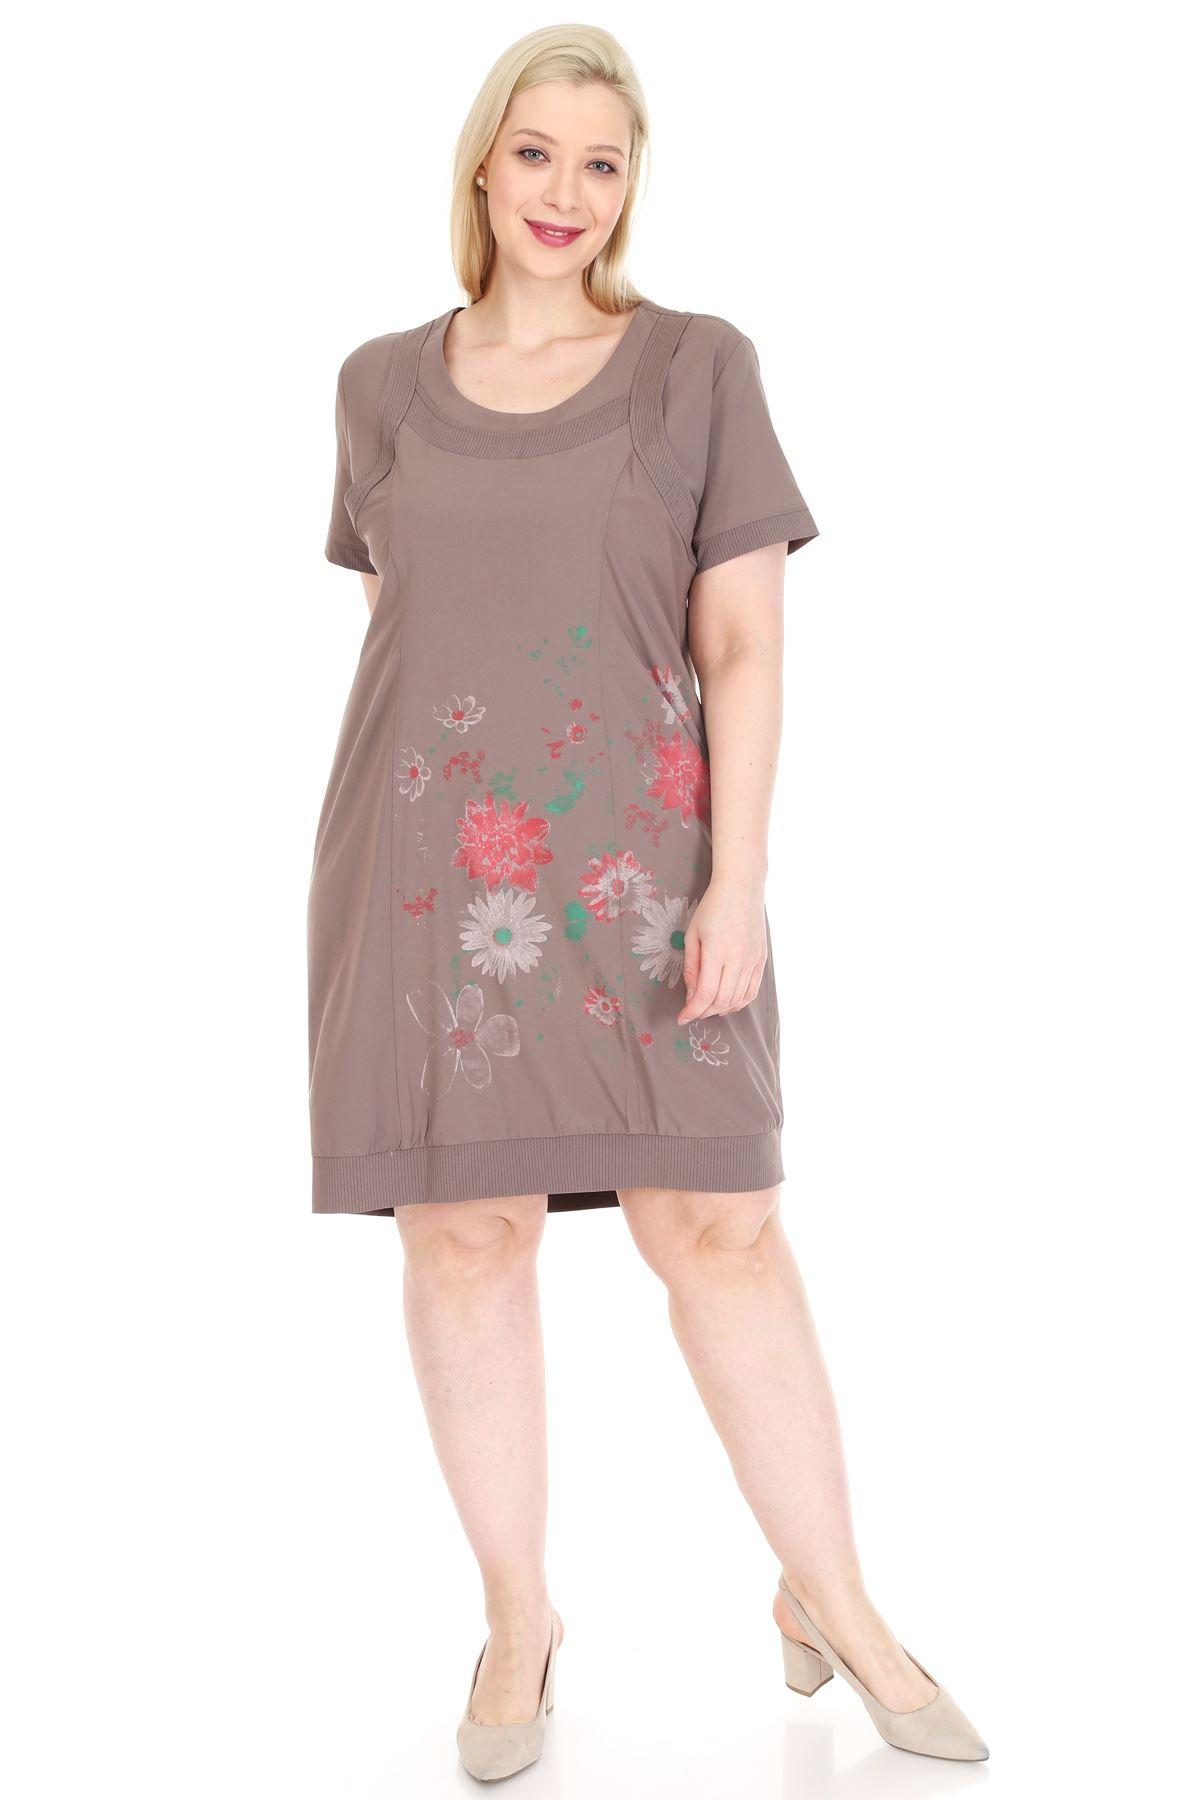 Baskılı Vizon Büyük Beden Elbise 20Y-0916